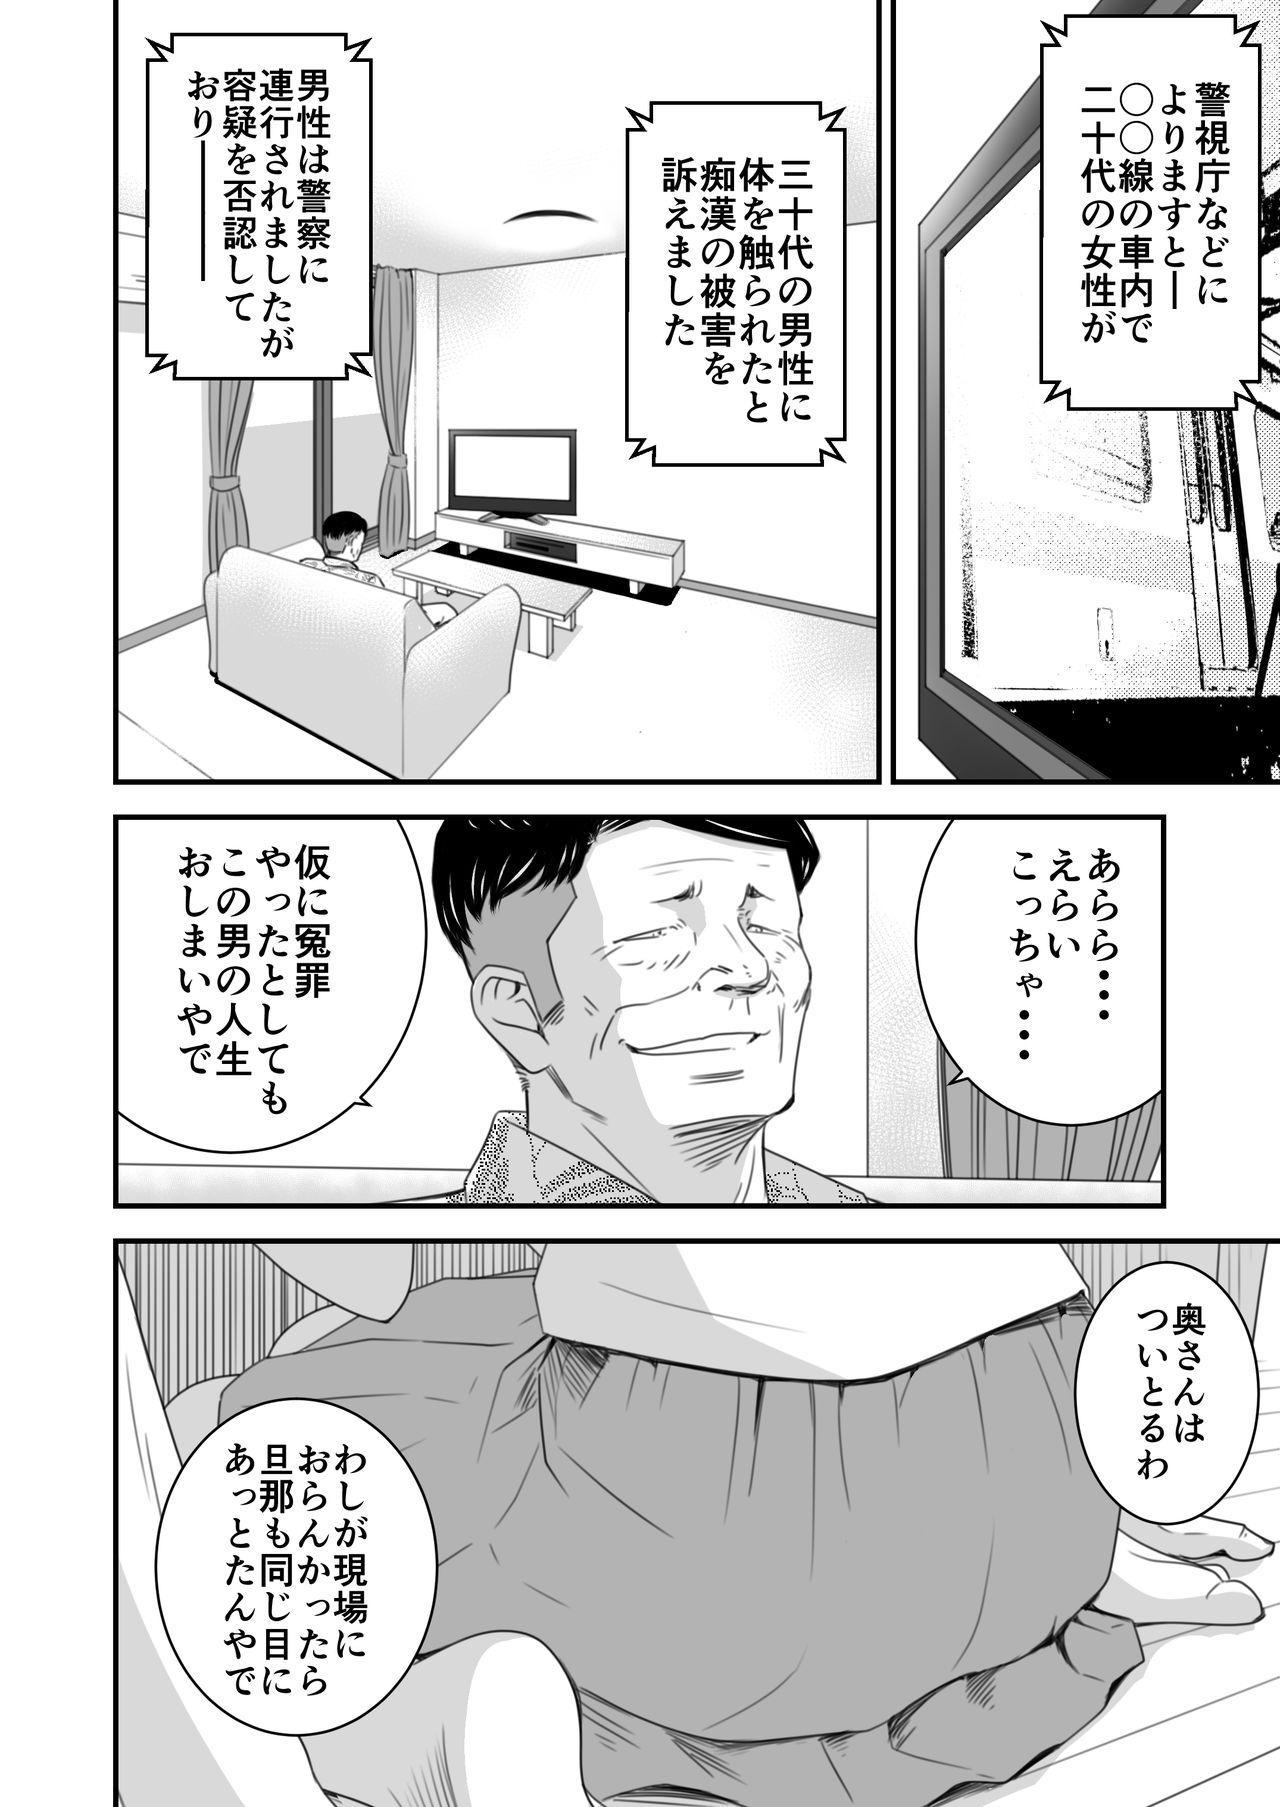 Tsugunai Tsuma 3 3